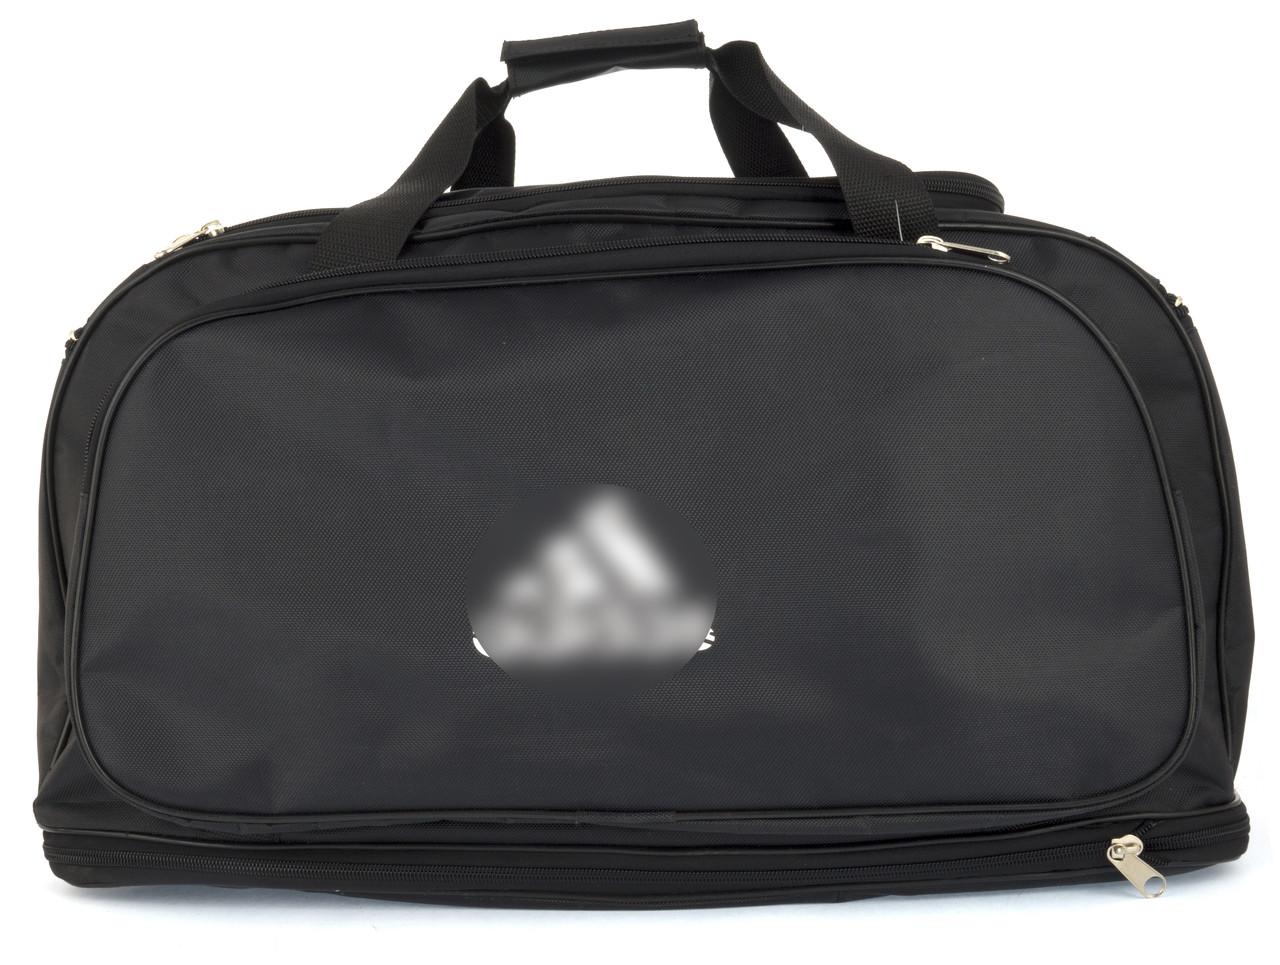 55a314e61719 Стильная прочная спортивная вместительная спортивная сумка с двойным дном  art. 57-3 Украина